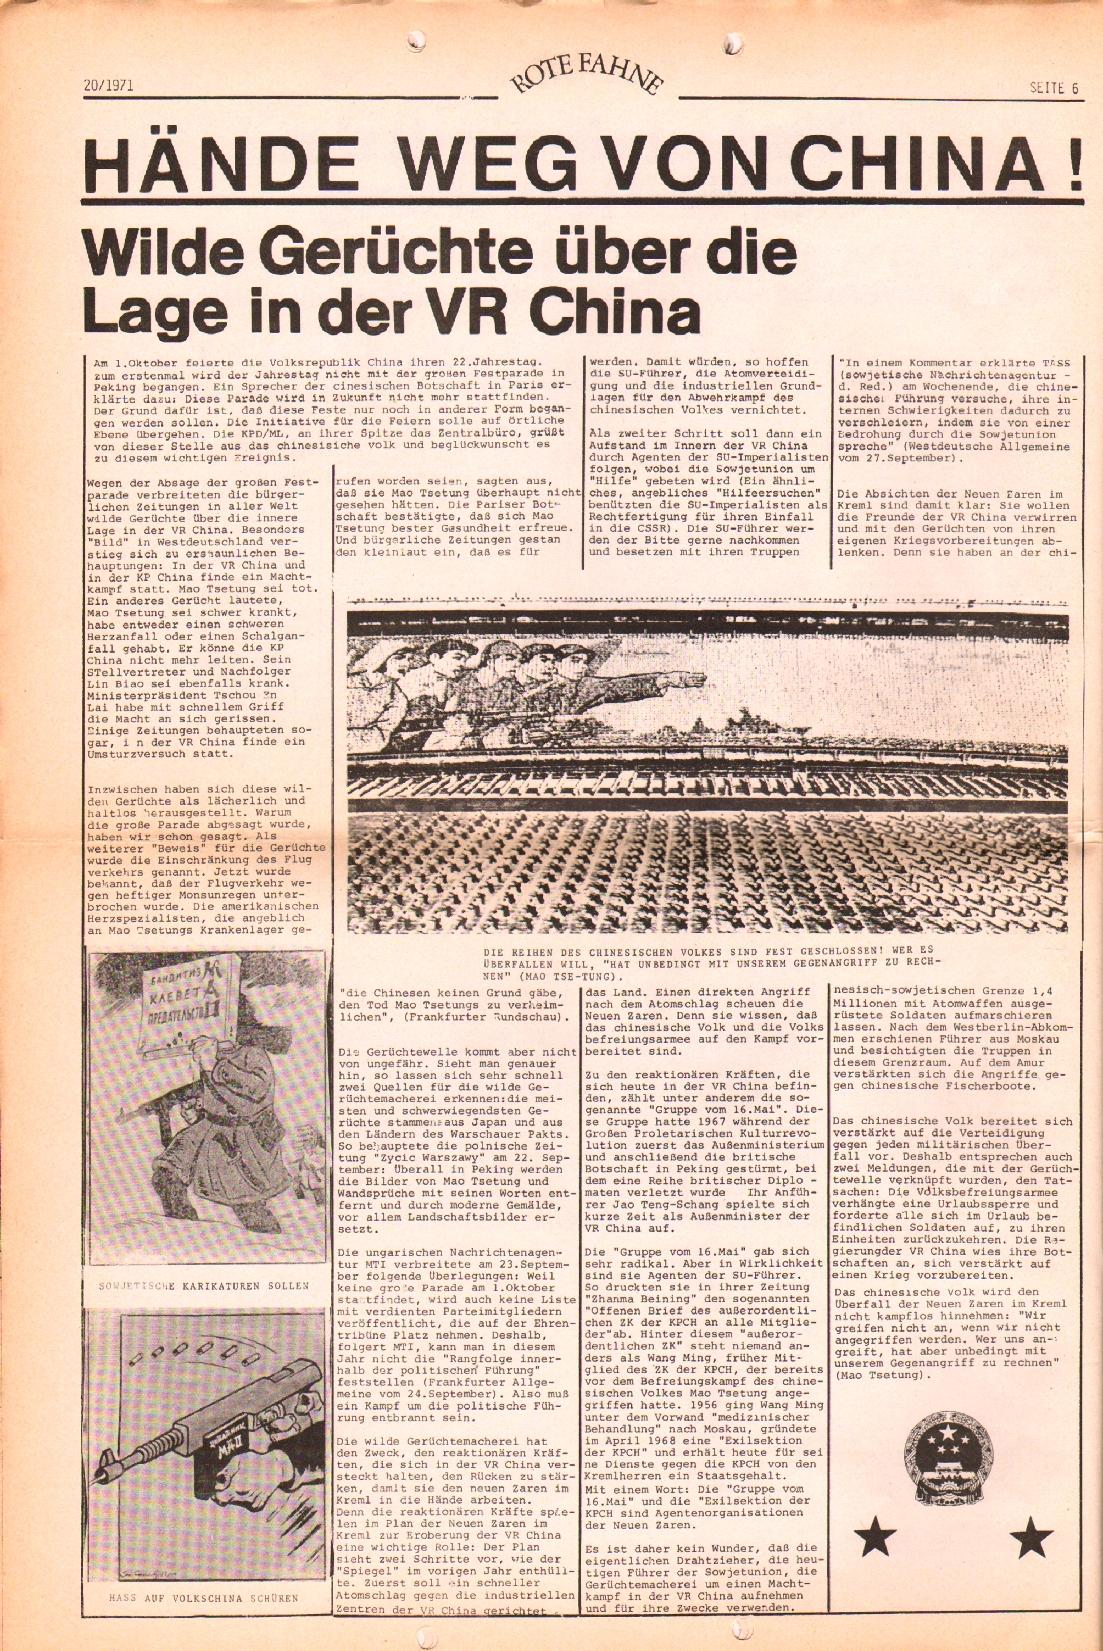 Rote Fahne, 2. Jg., 11.10.1971, Nr. 20, Seite 6